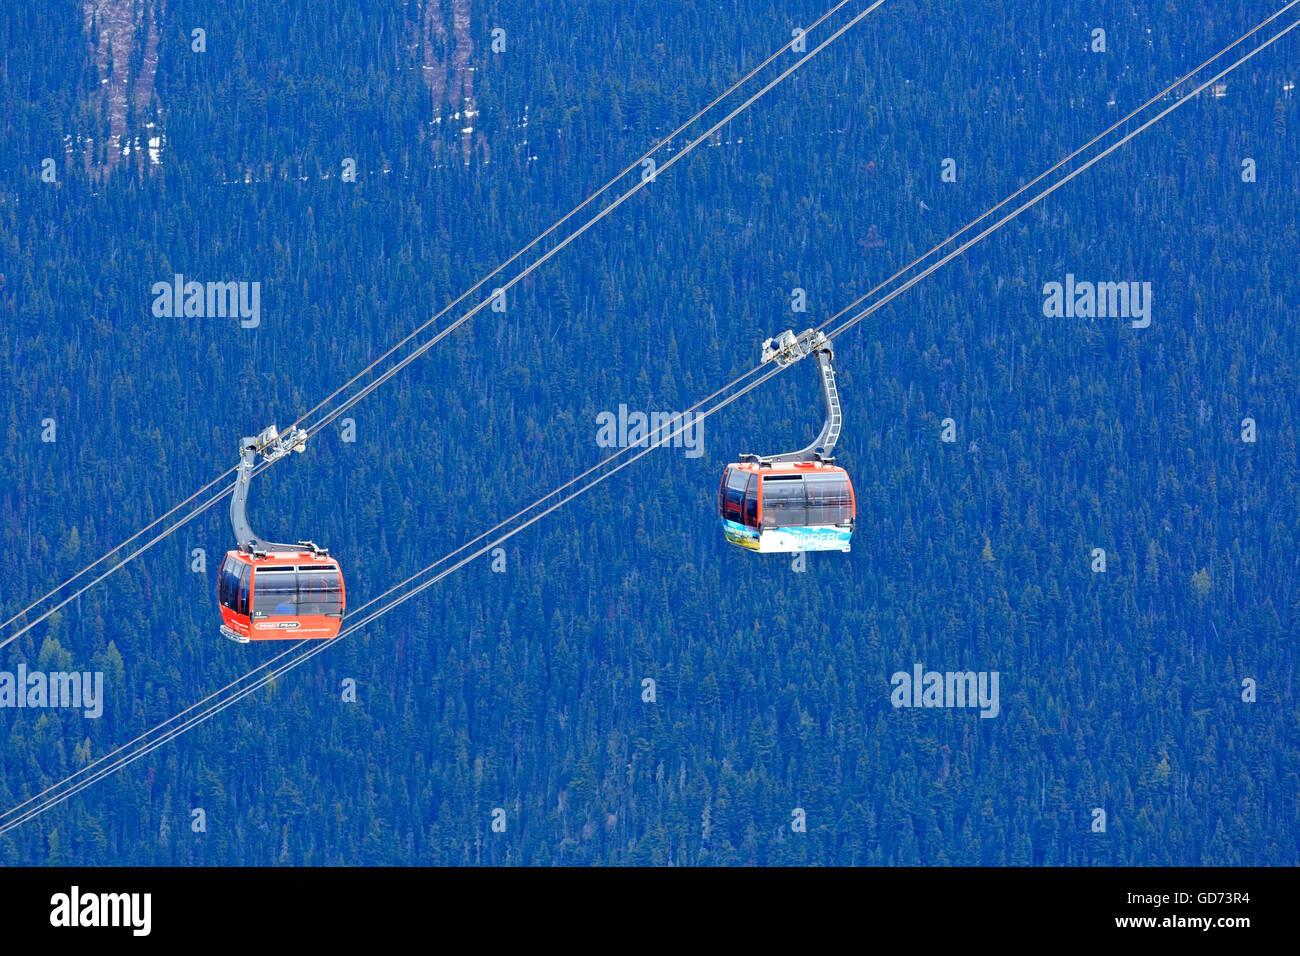 Peak to Peak gondola between Whistler and Blackcomb mountains, Whistler, British Columbia Stock Photo